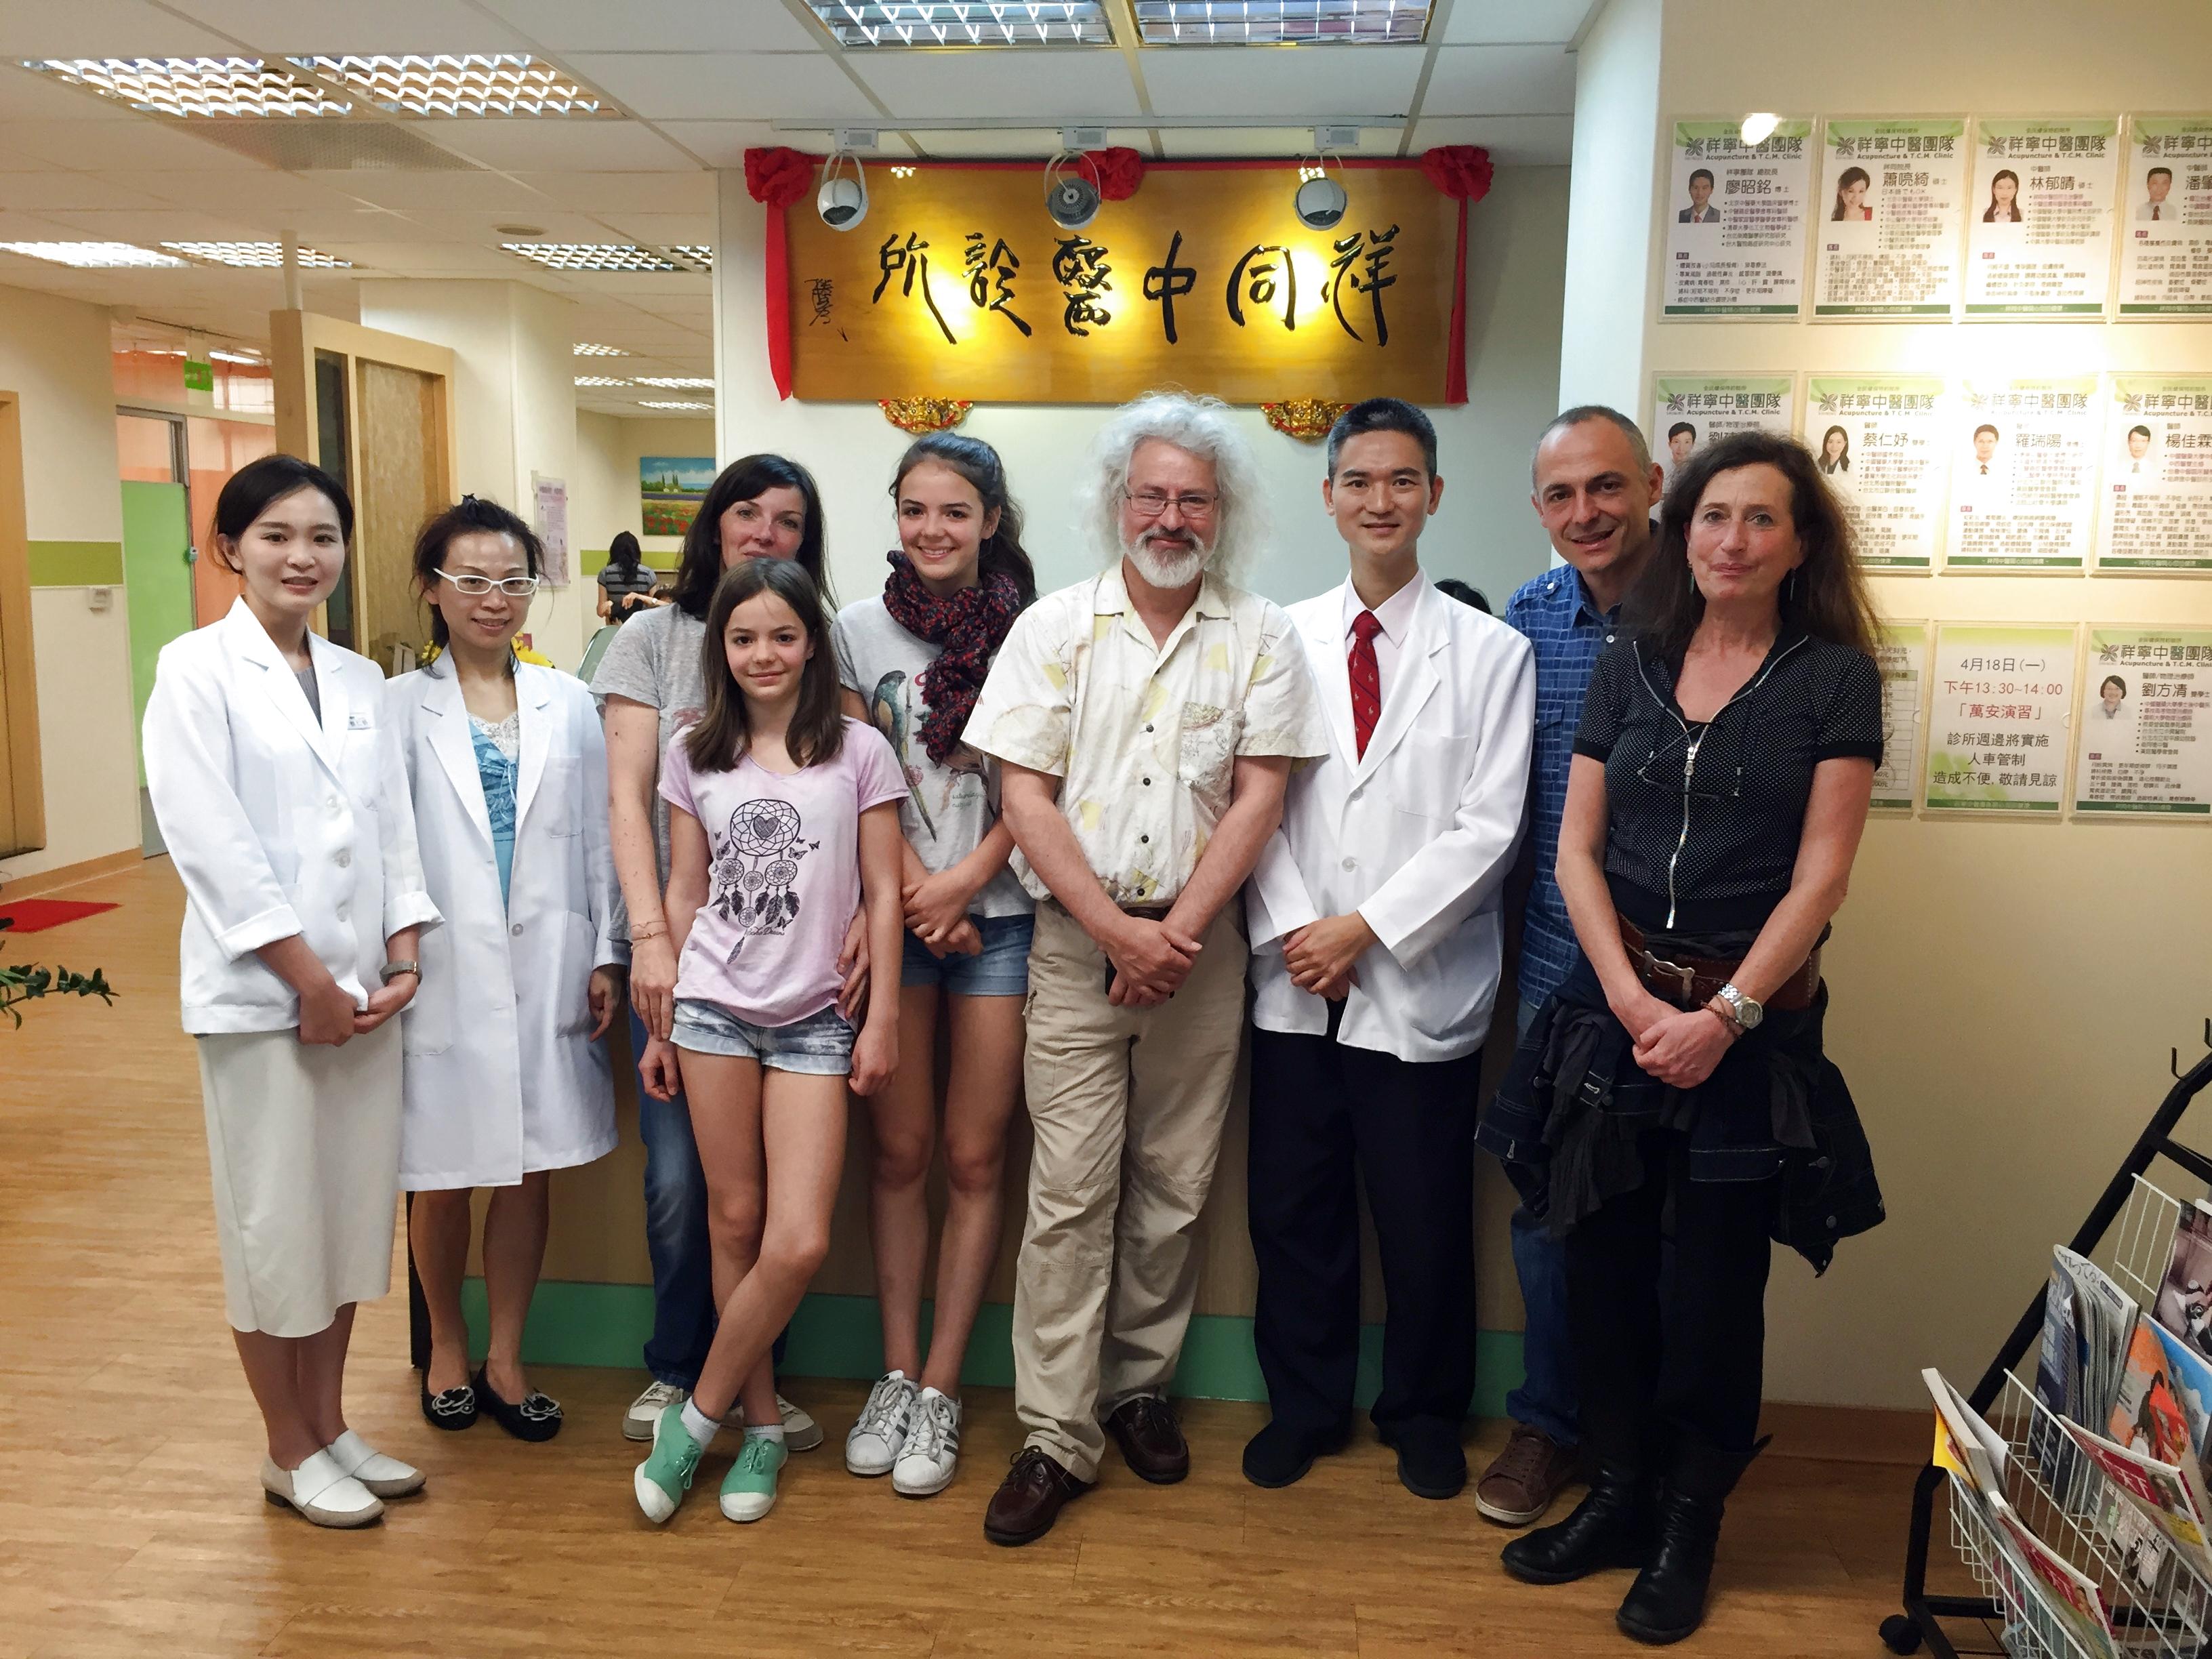 2016.4.7法國巴黎杵針中醫學院(Institut Chuzhen)中醫師來訪